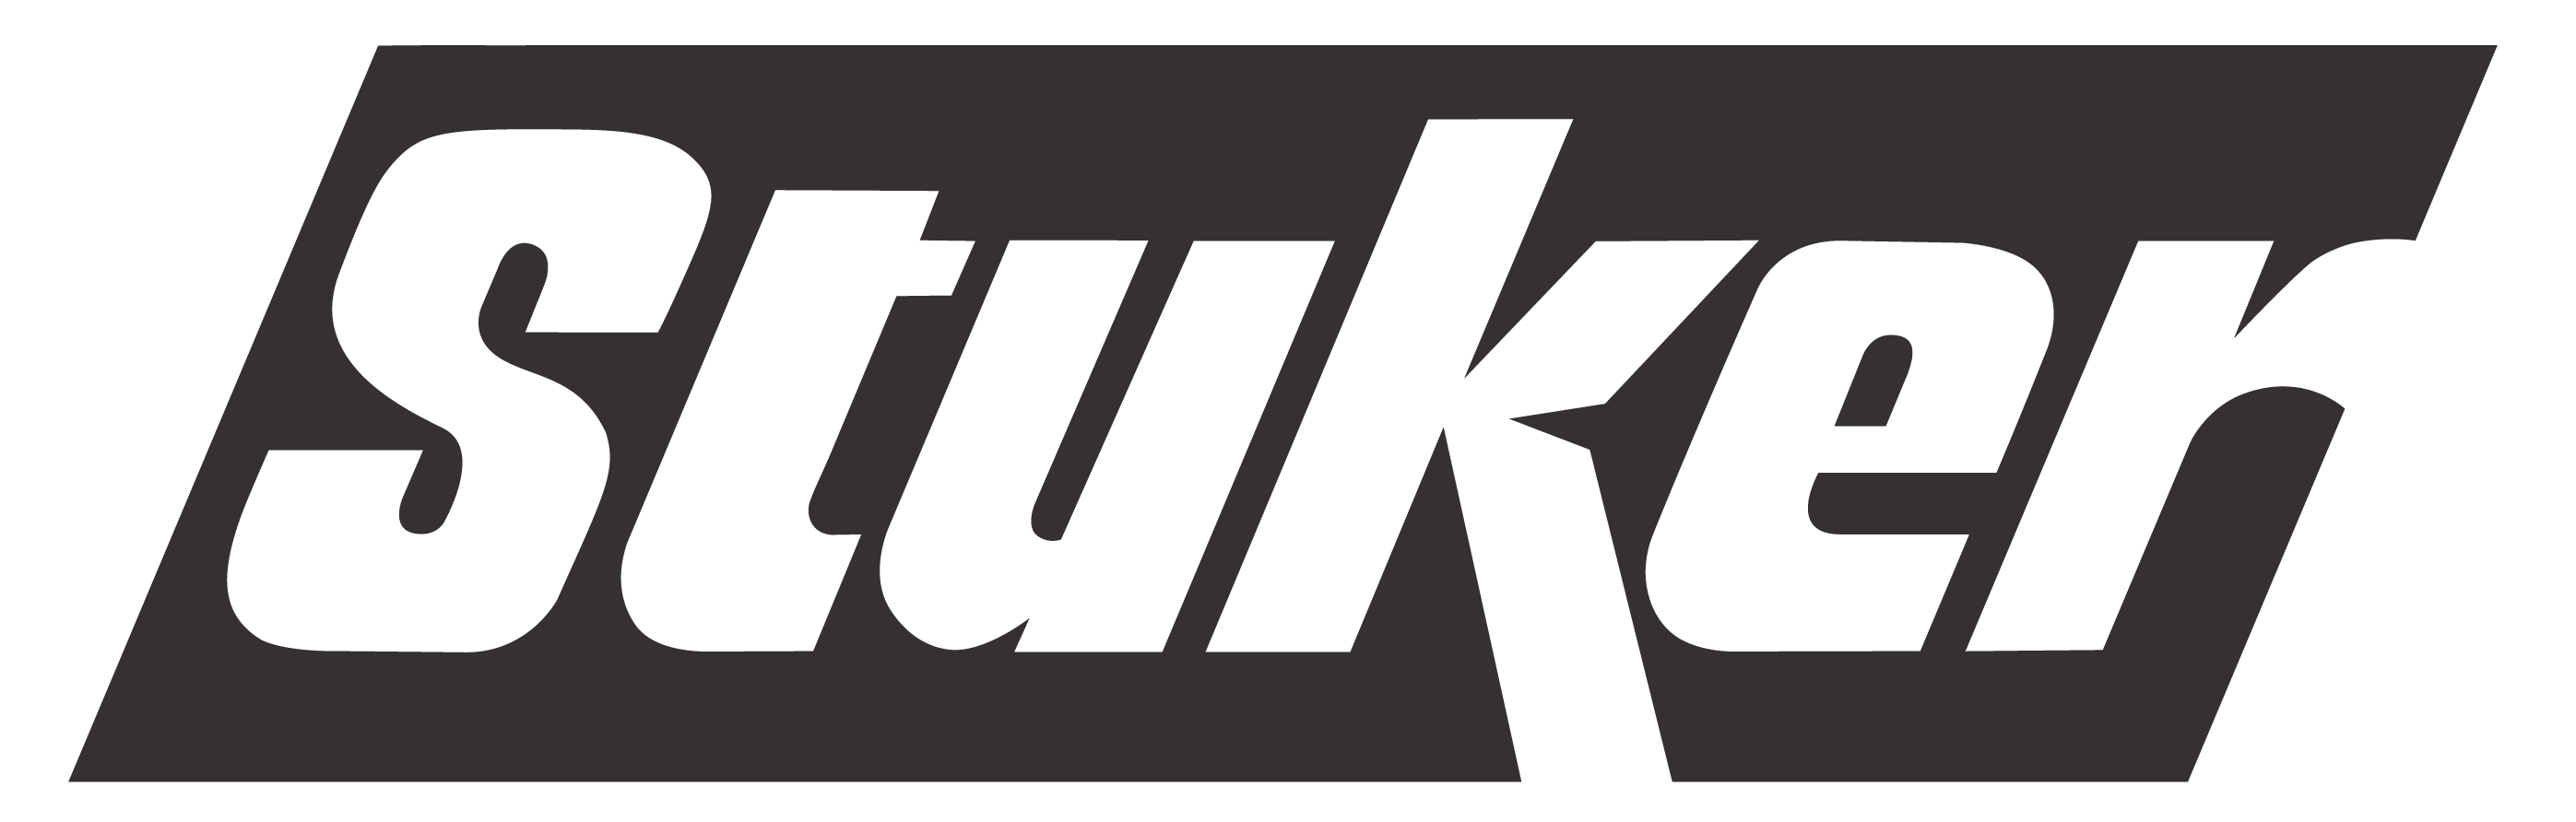 Stuker Training for Car Dealerships